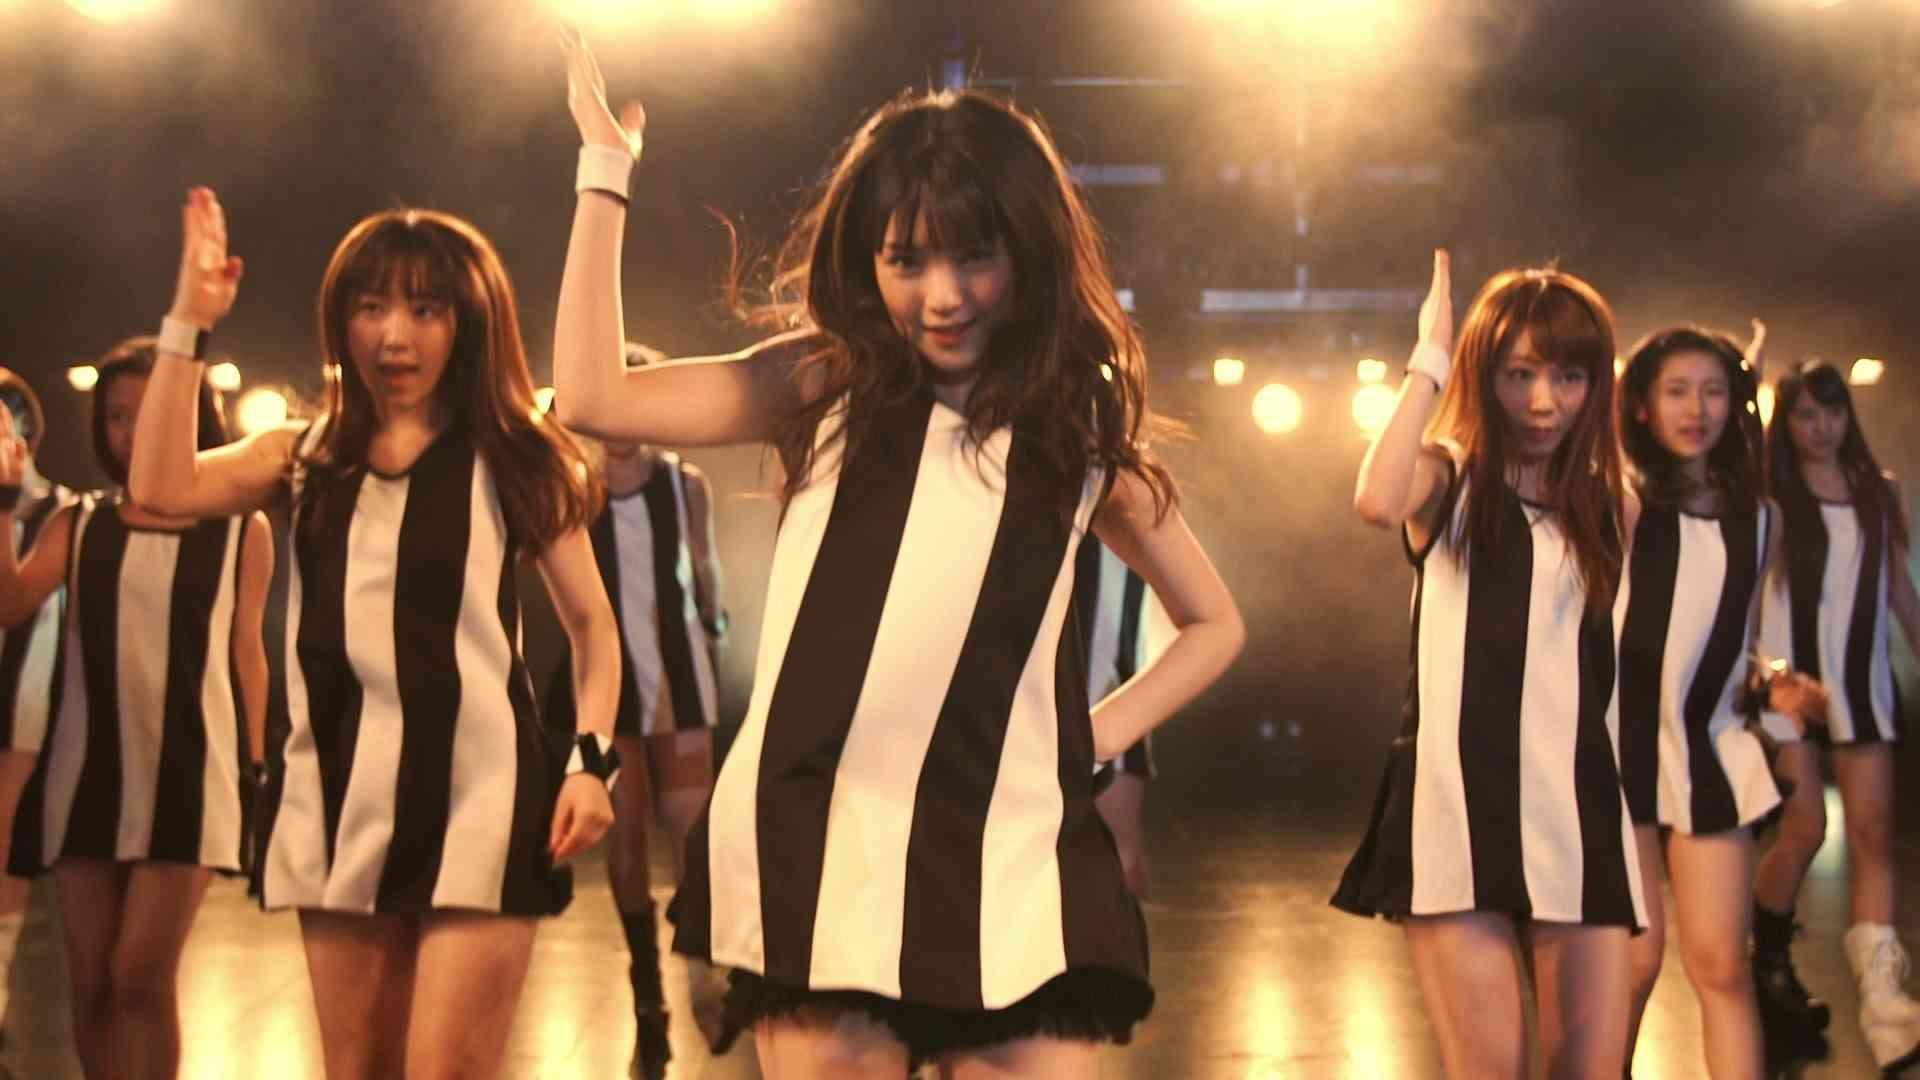 モーニング娘。 『わがまま 気のまま 愛のジョーク』(Morning Musume。[Selfish,easy going,Jokes of love]) (MV) - YouTube